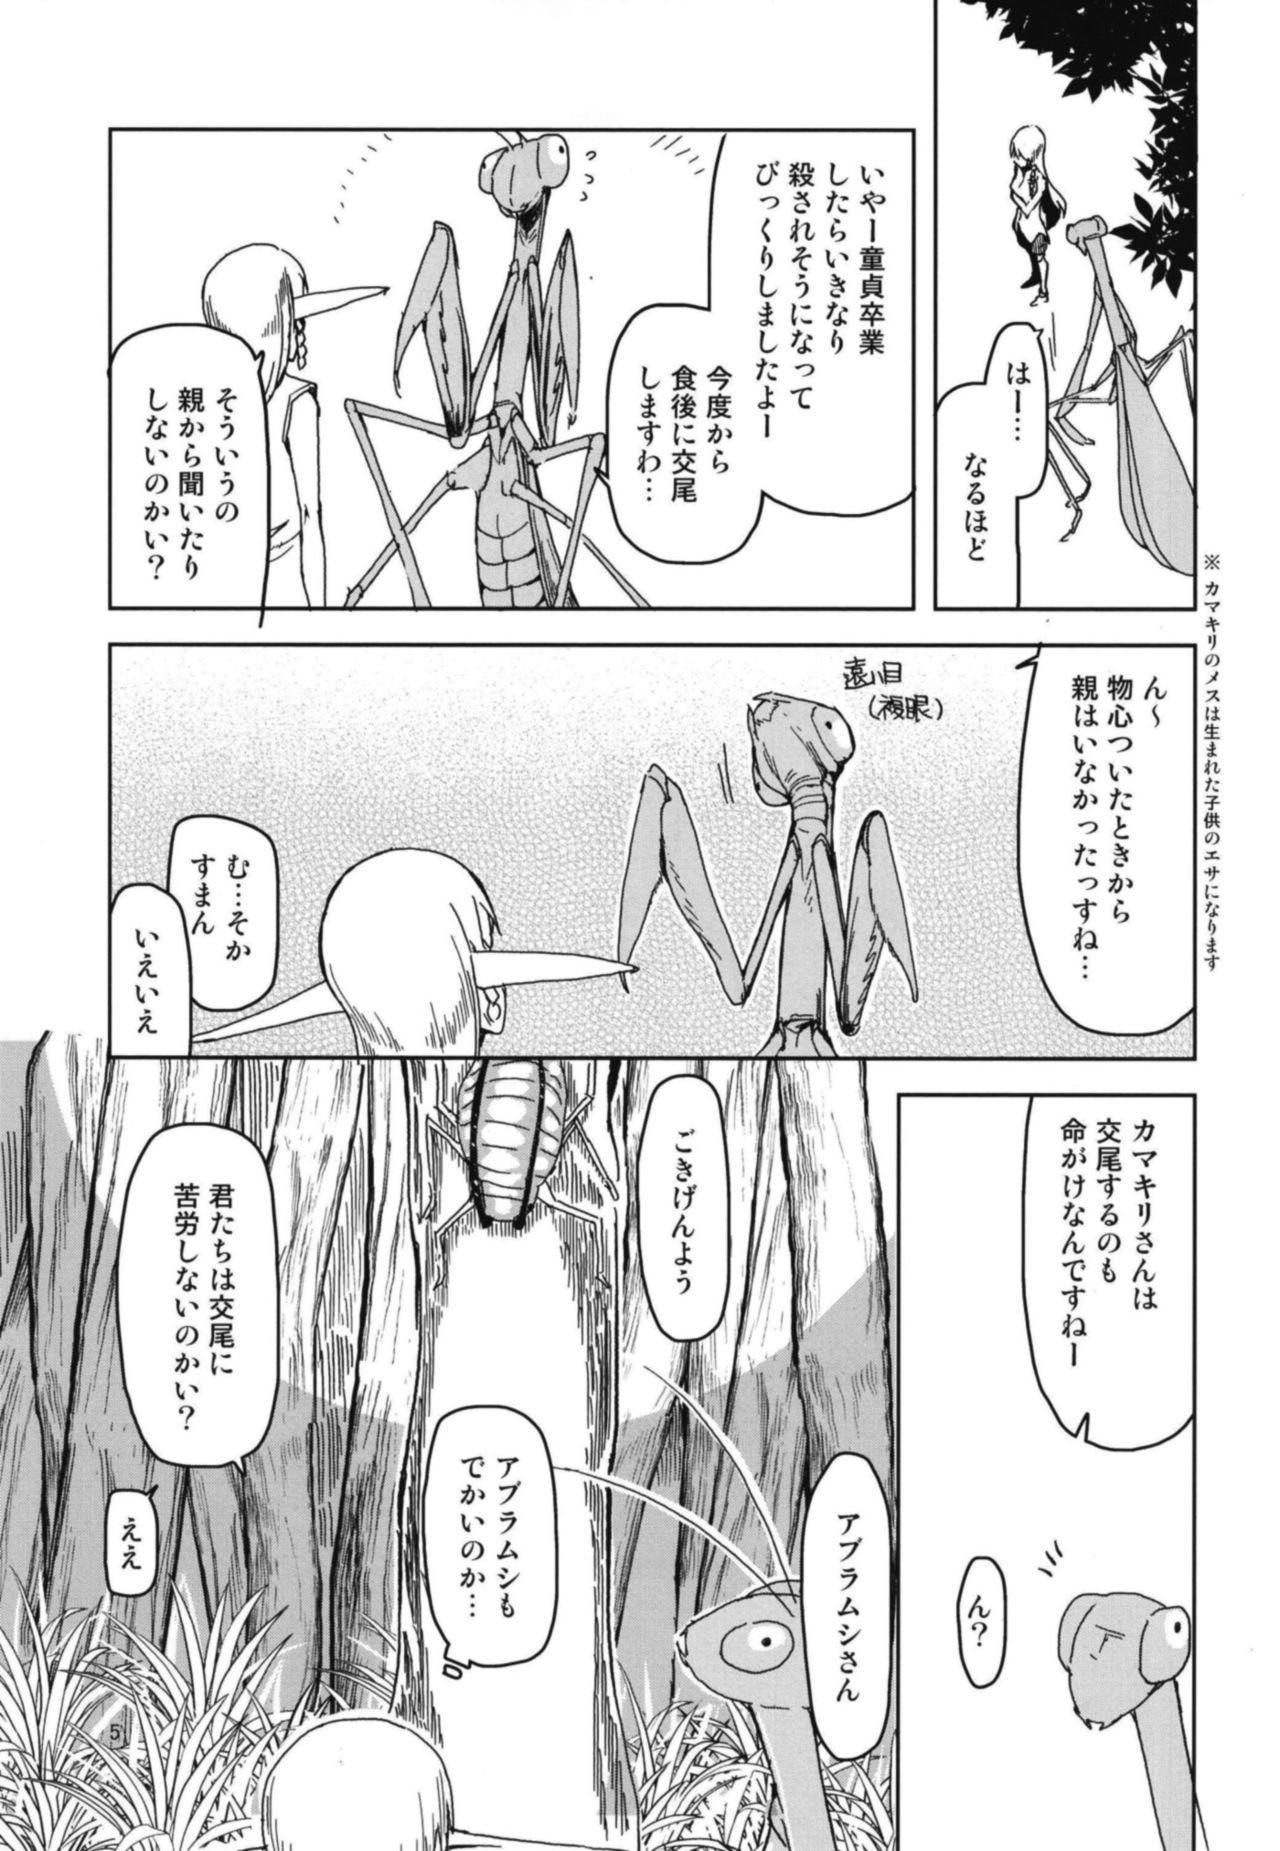 Dosukebe Elf no Ishukan Nikki 5 6